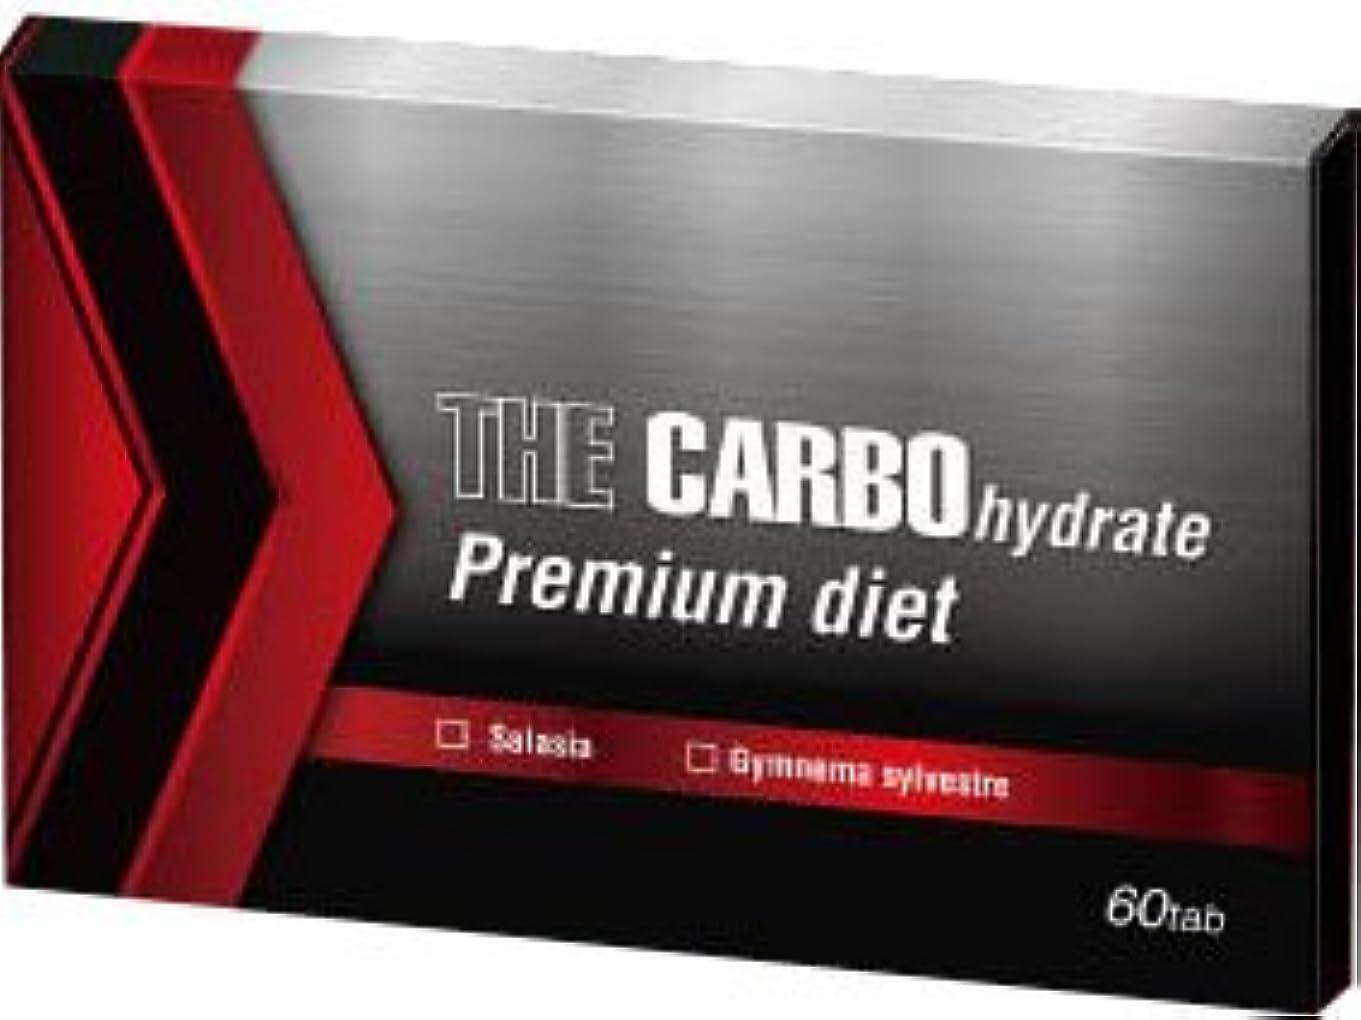 虹準拠プレゼントザ?糖質プレミアムダイエット60Tab〔THE CARBO hydrate Premium daiet〕